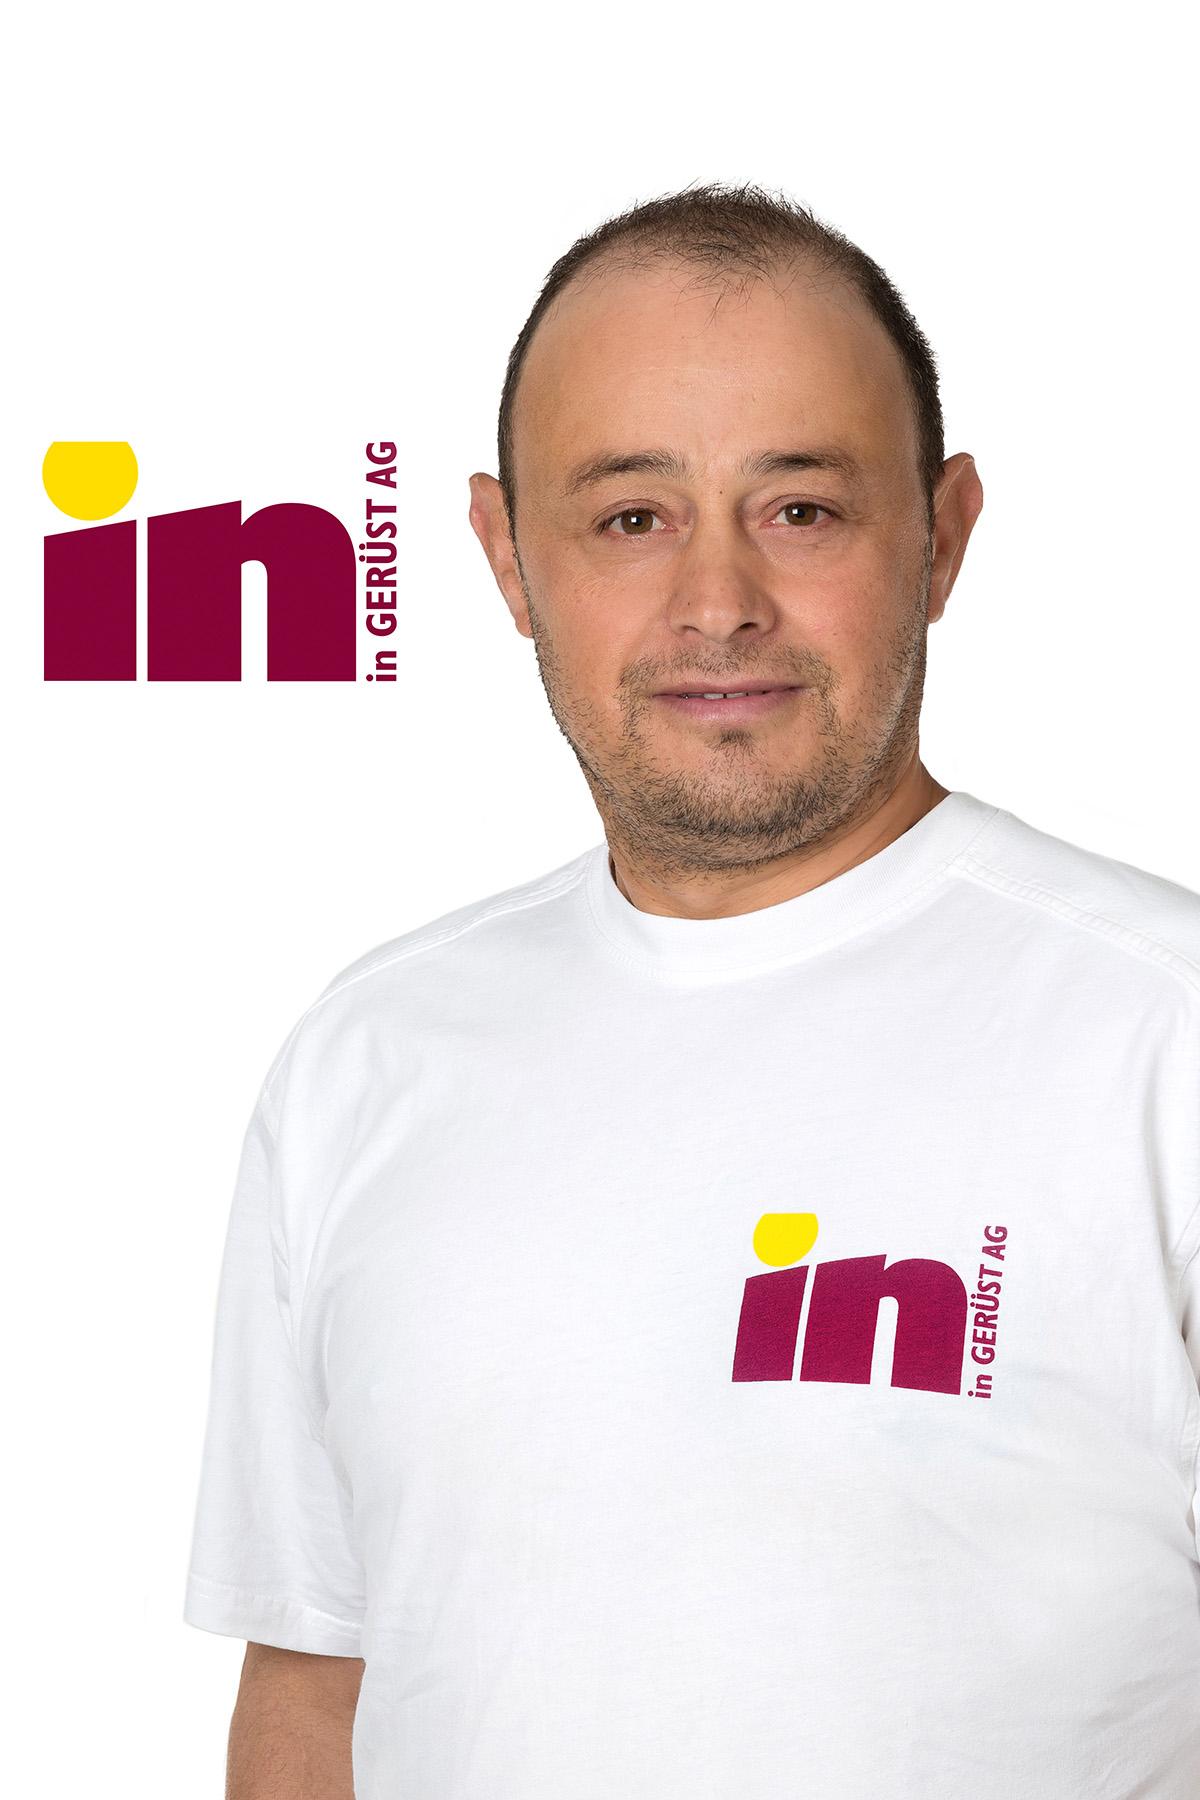 José Antonio Pinto Moreira